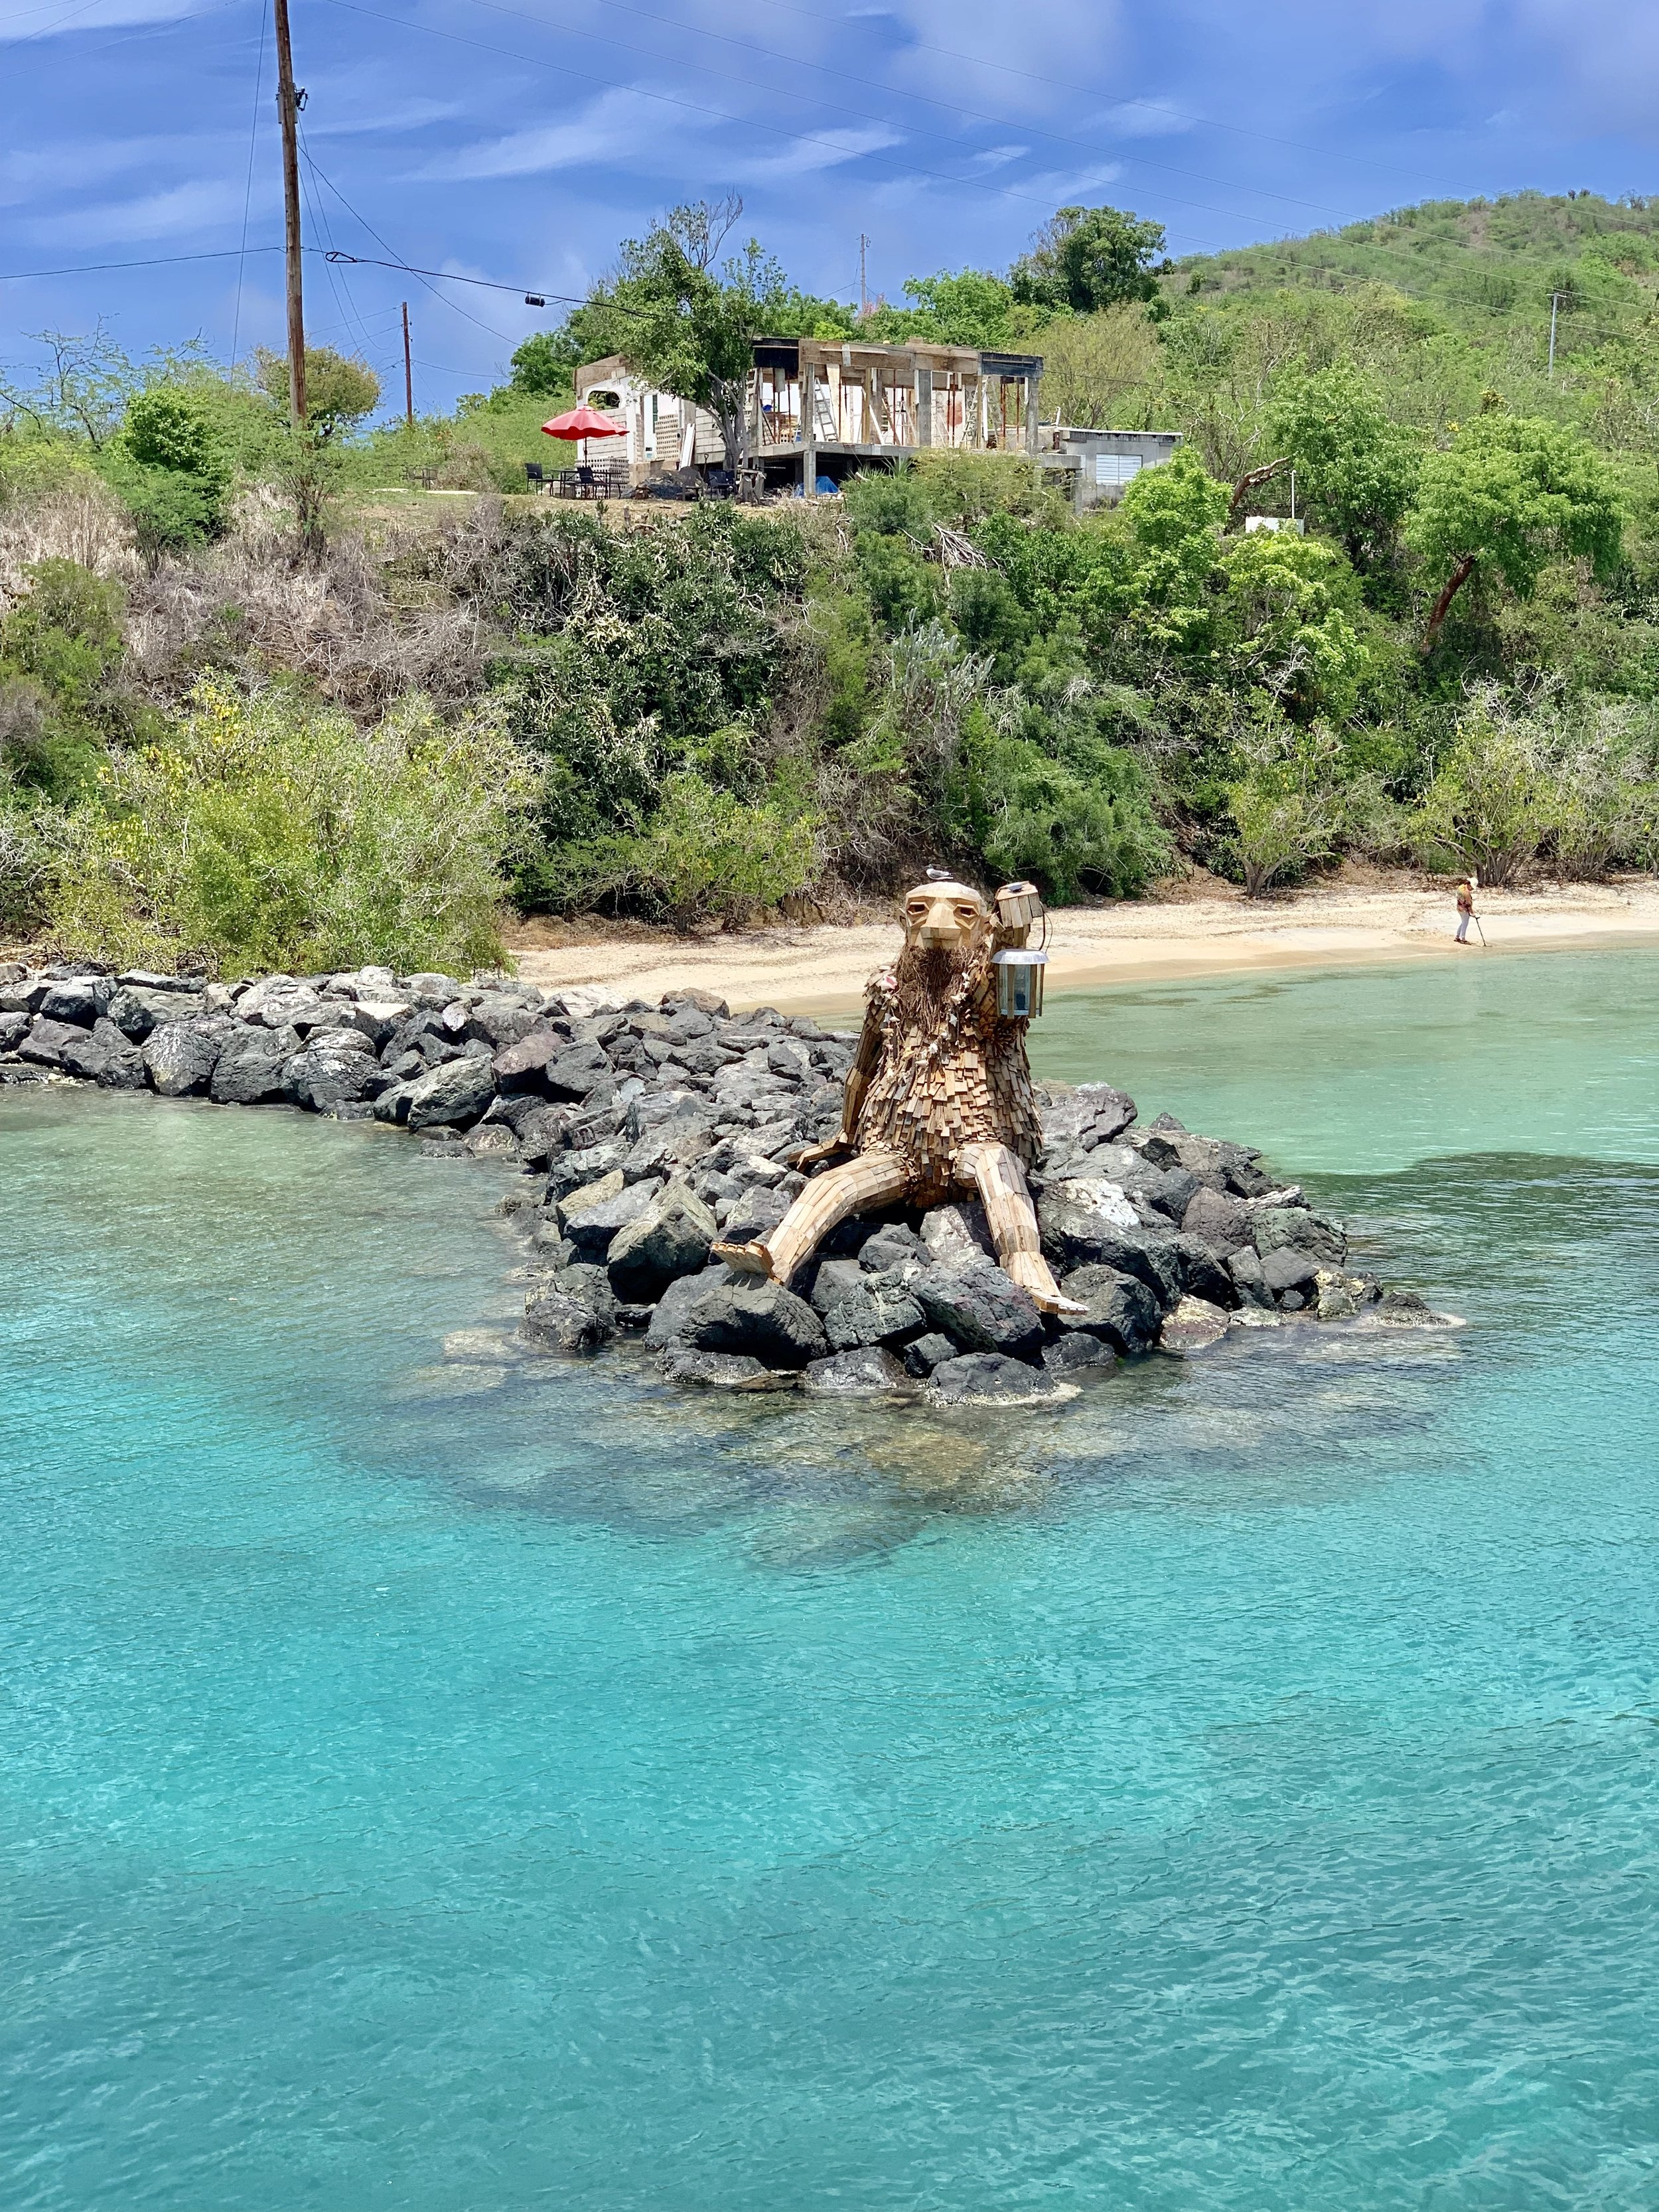 Héctor el protector - Te espera en la entrada del puerto de Culebra